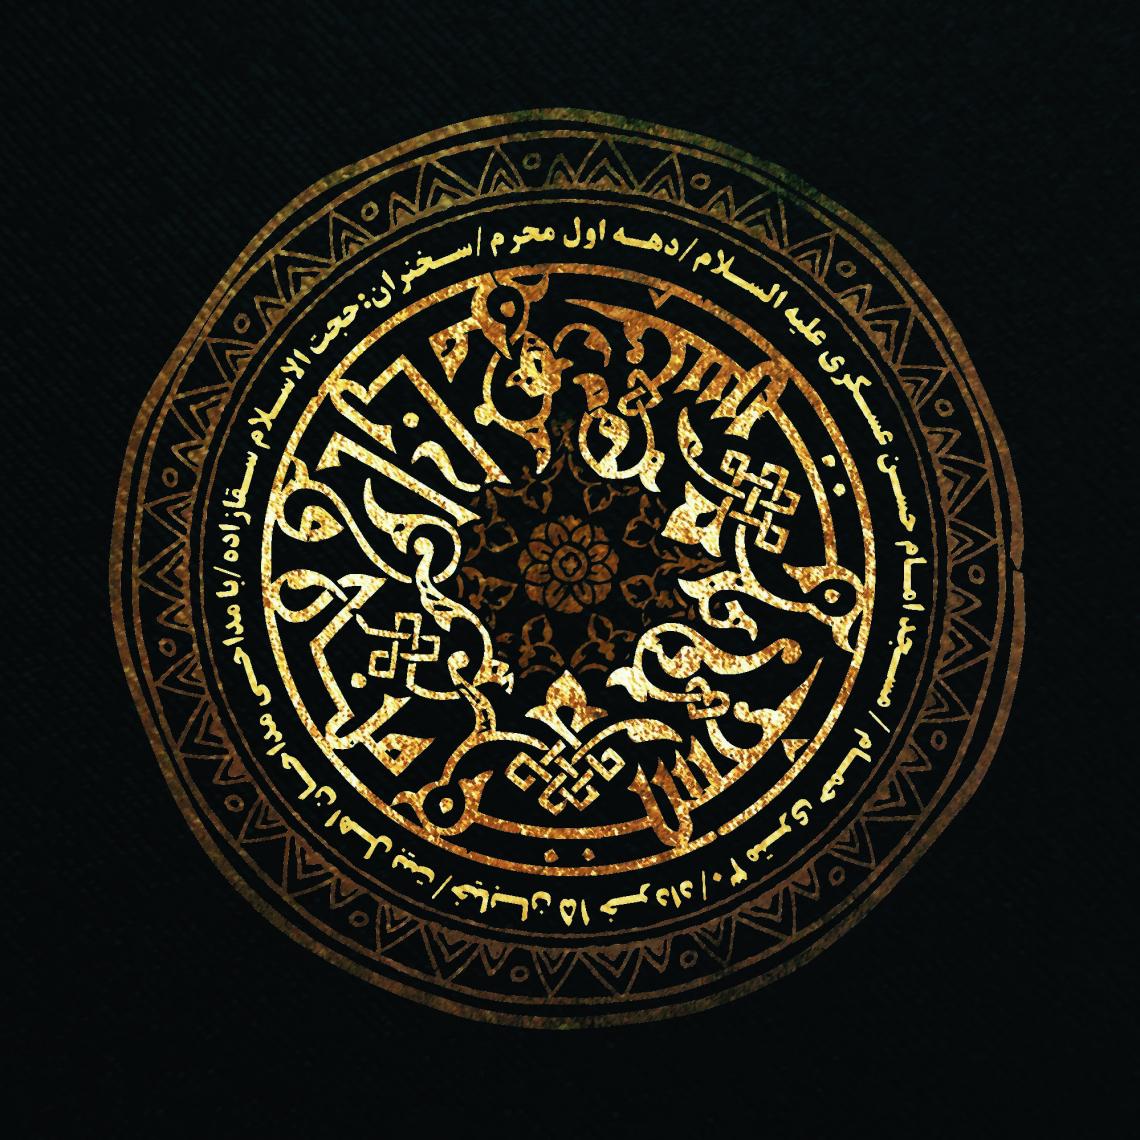 سوگواره چهارم-پوستر 6-احمد غفاری-پوستر اطلاع رسانی هیأت